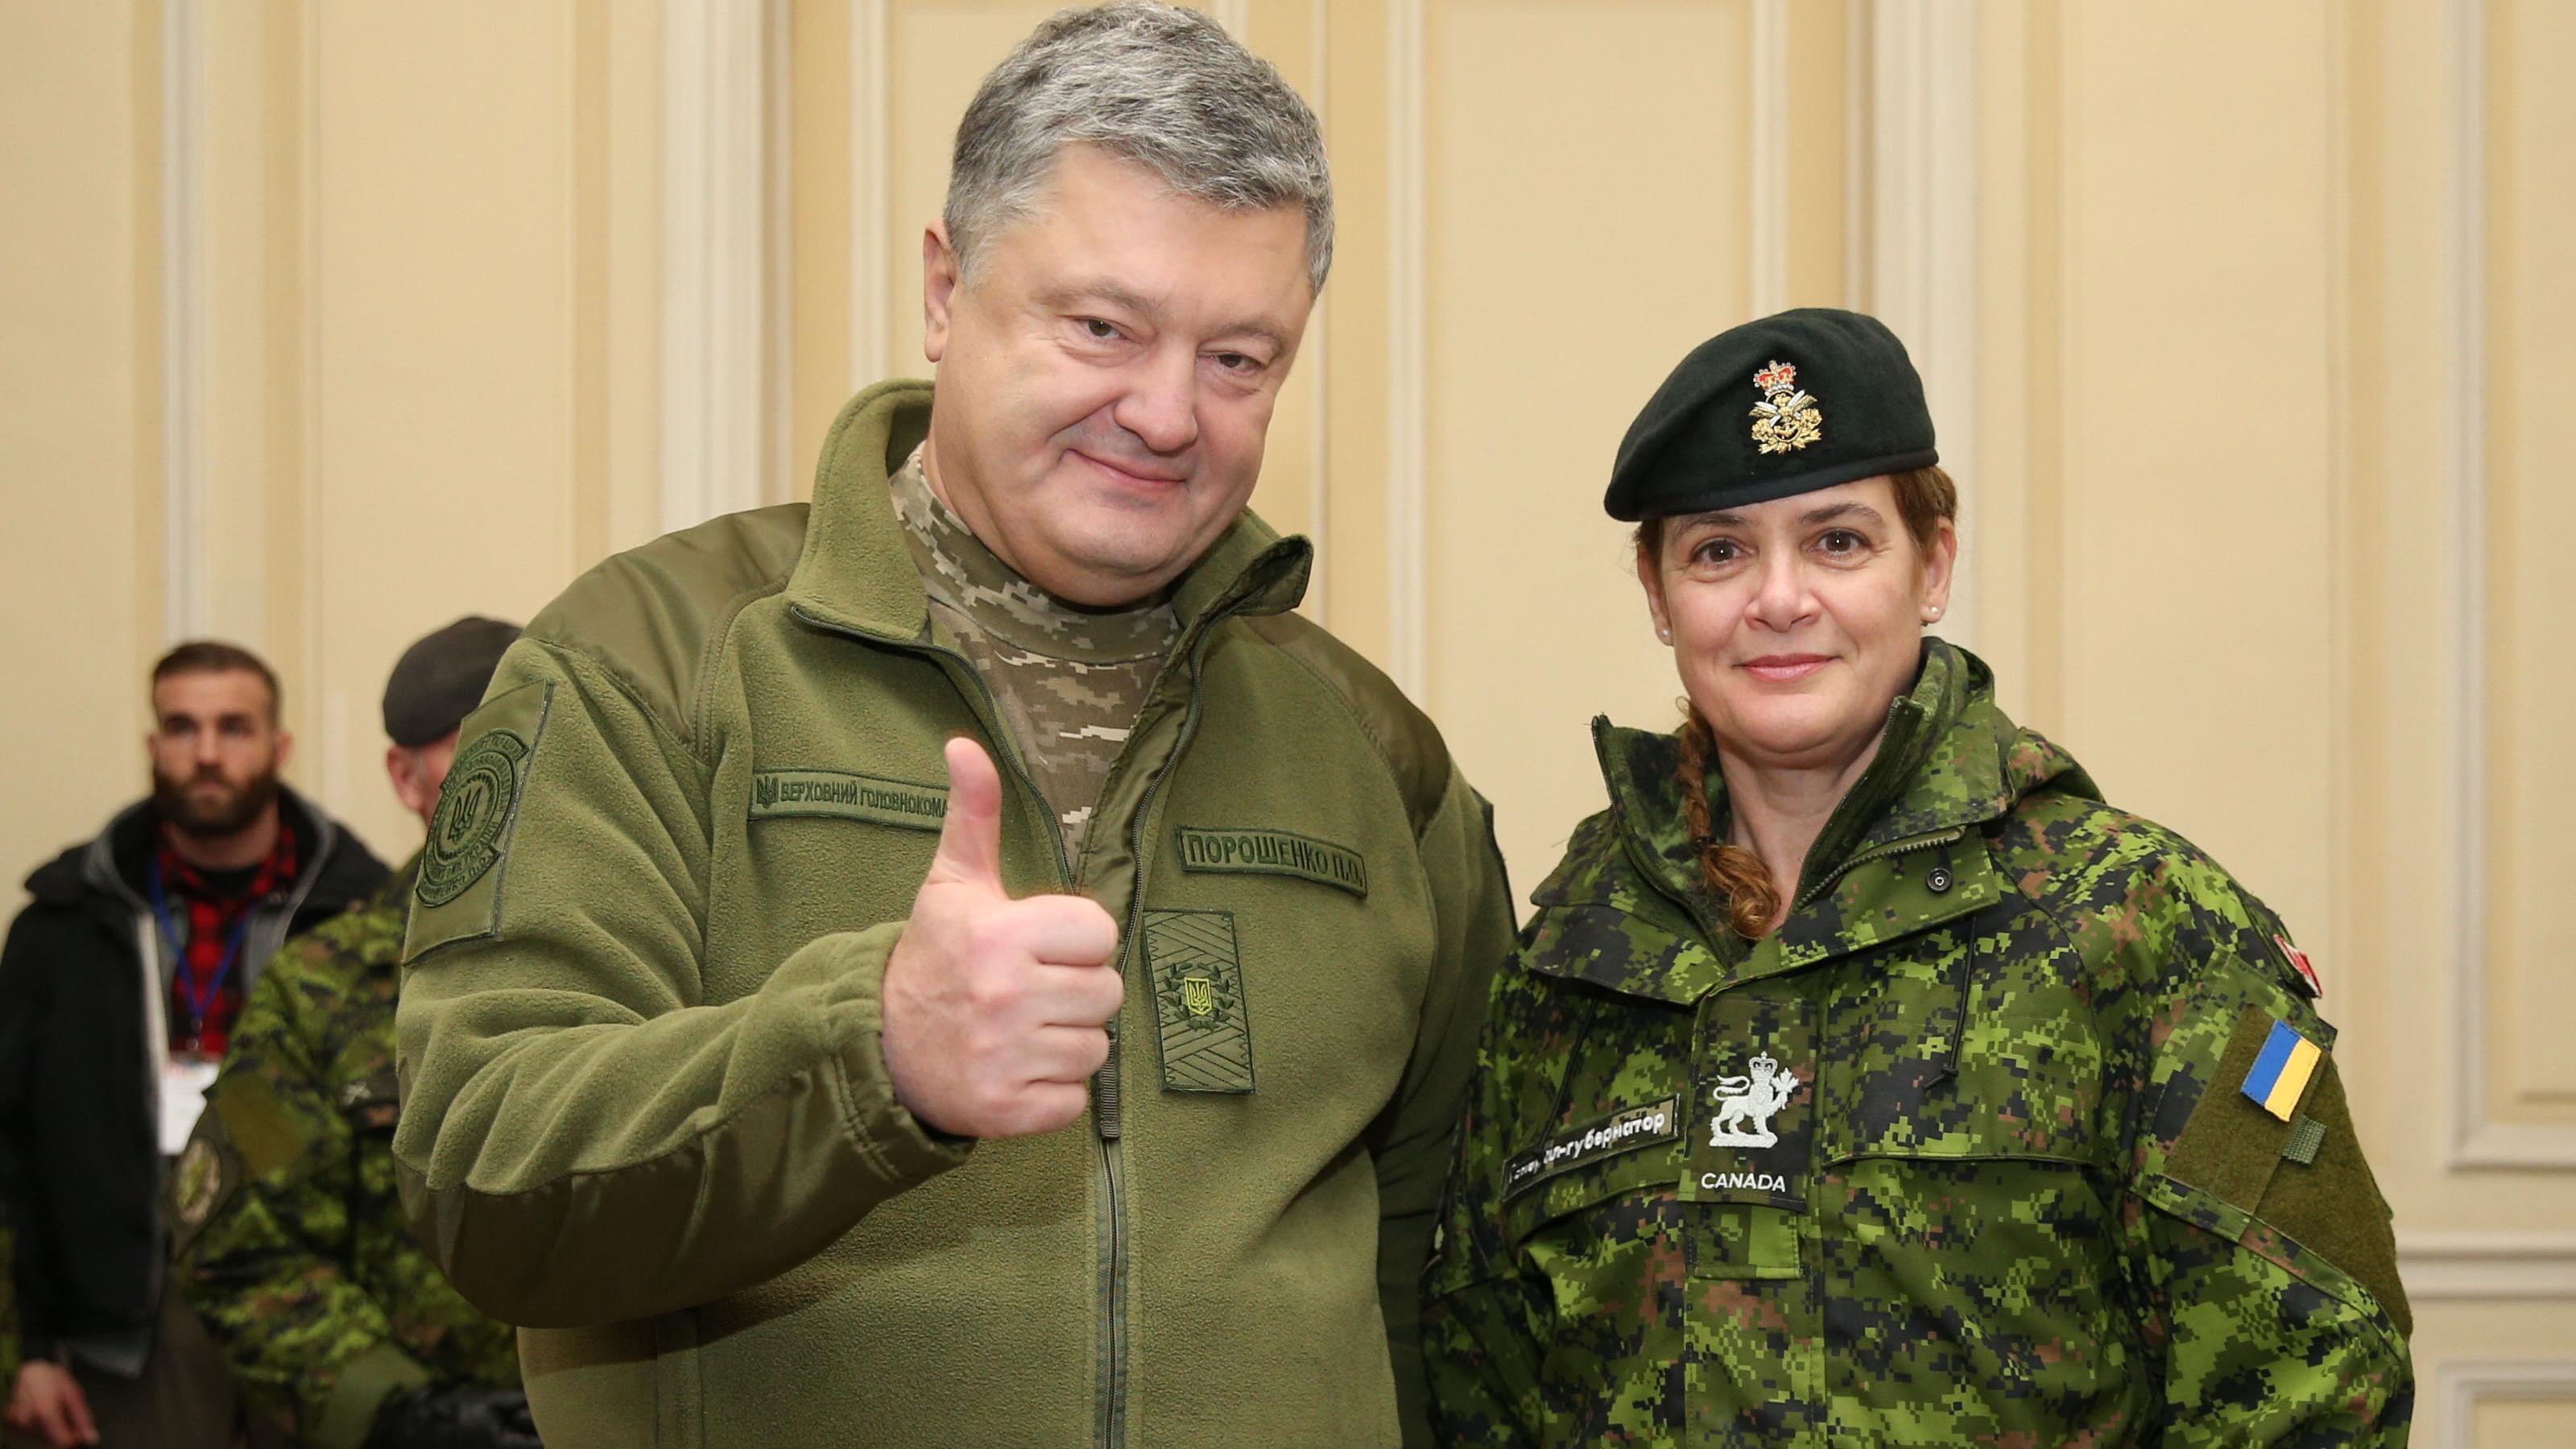 Canadian Gov. Gen. Julie Payette and Ukrainian President Petro Poroshenko pose for on Thursday, Jan. 18, 2018.